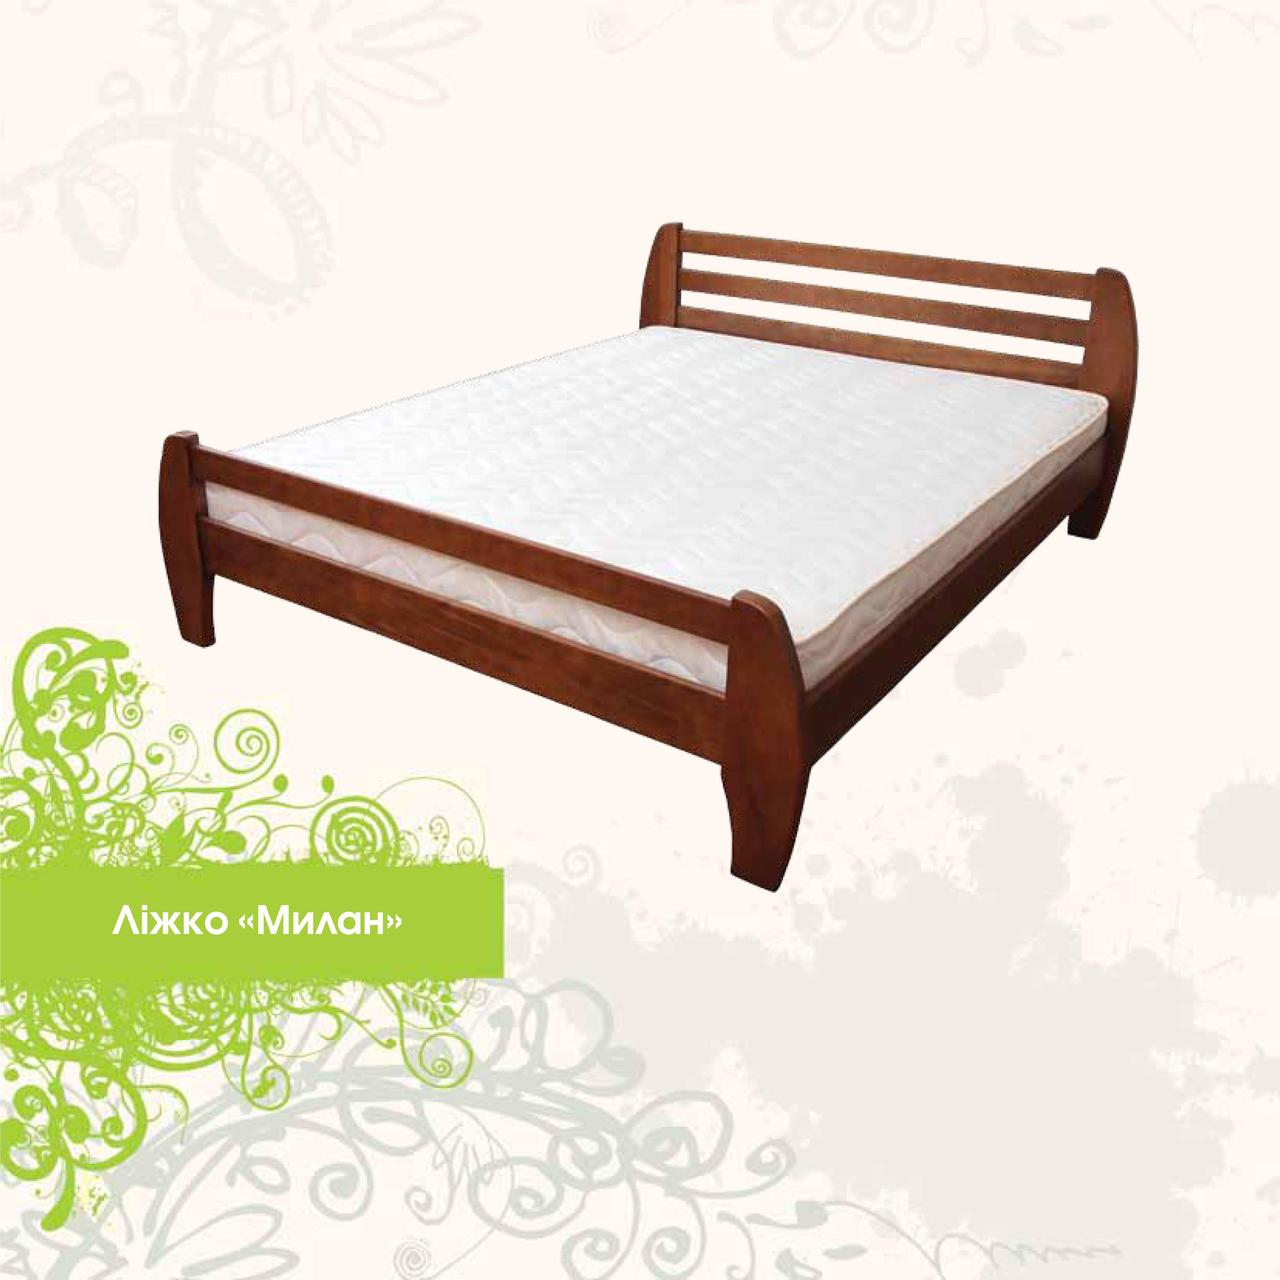 Деревянная кровать Милан 160х200 сосна Mebigrand